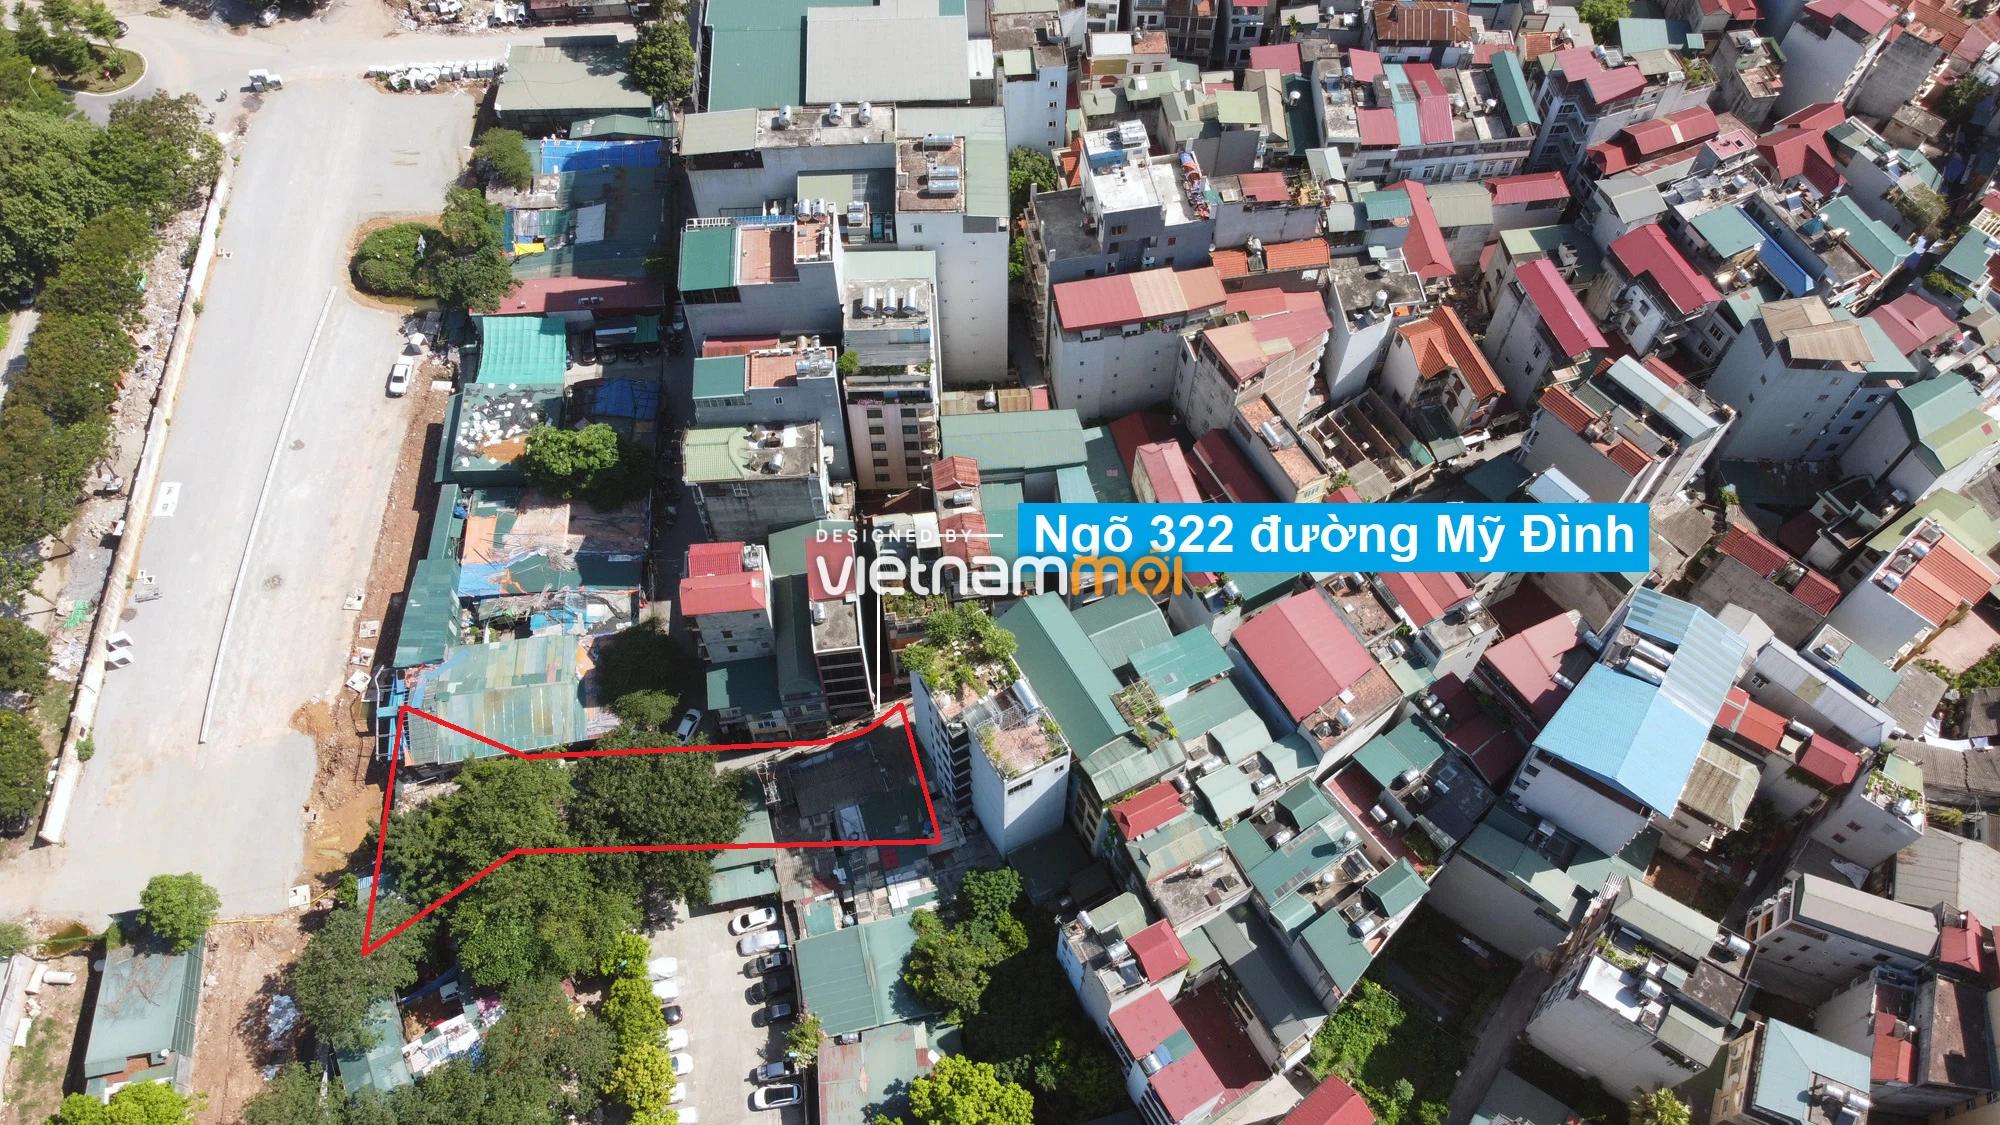 Những khu đất sắp thu hồi để mở đường ở phường Mỹ Đình 1, Nam Từ Liêm, Hà Nội (phần 1) - Ảnh 16.